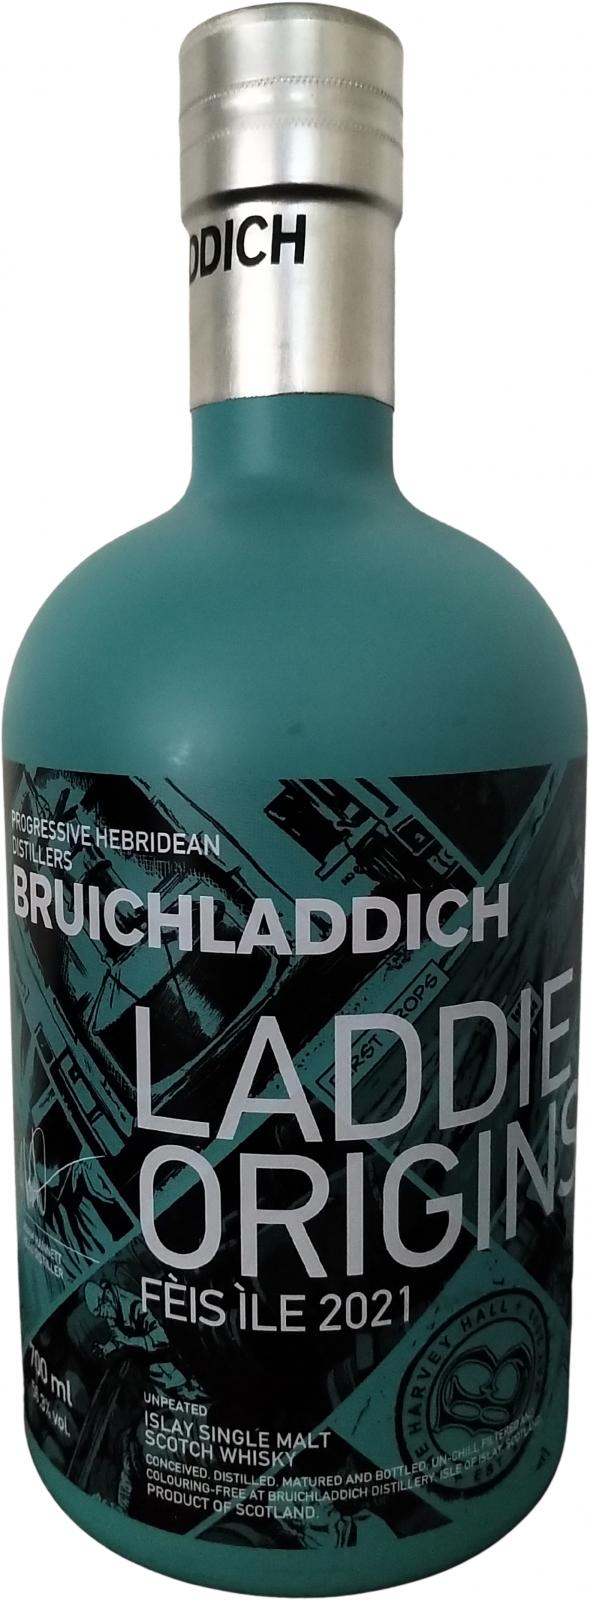 Bruichladdich Laddie Origins